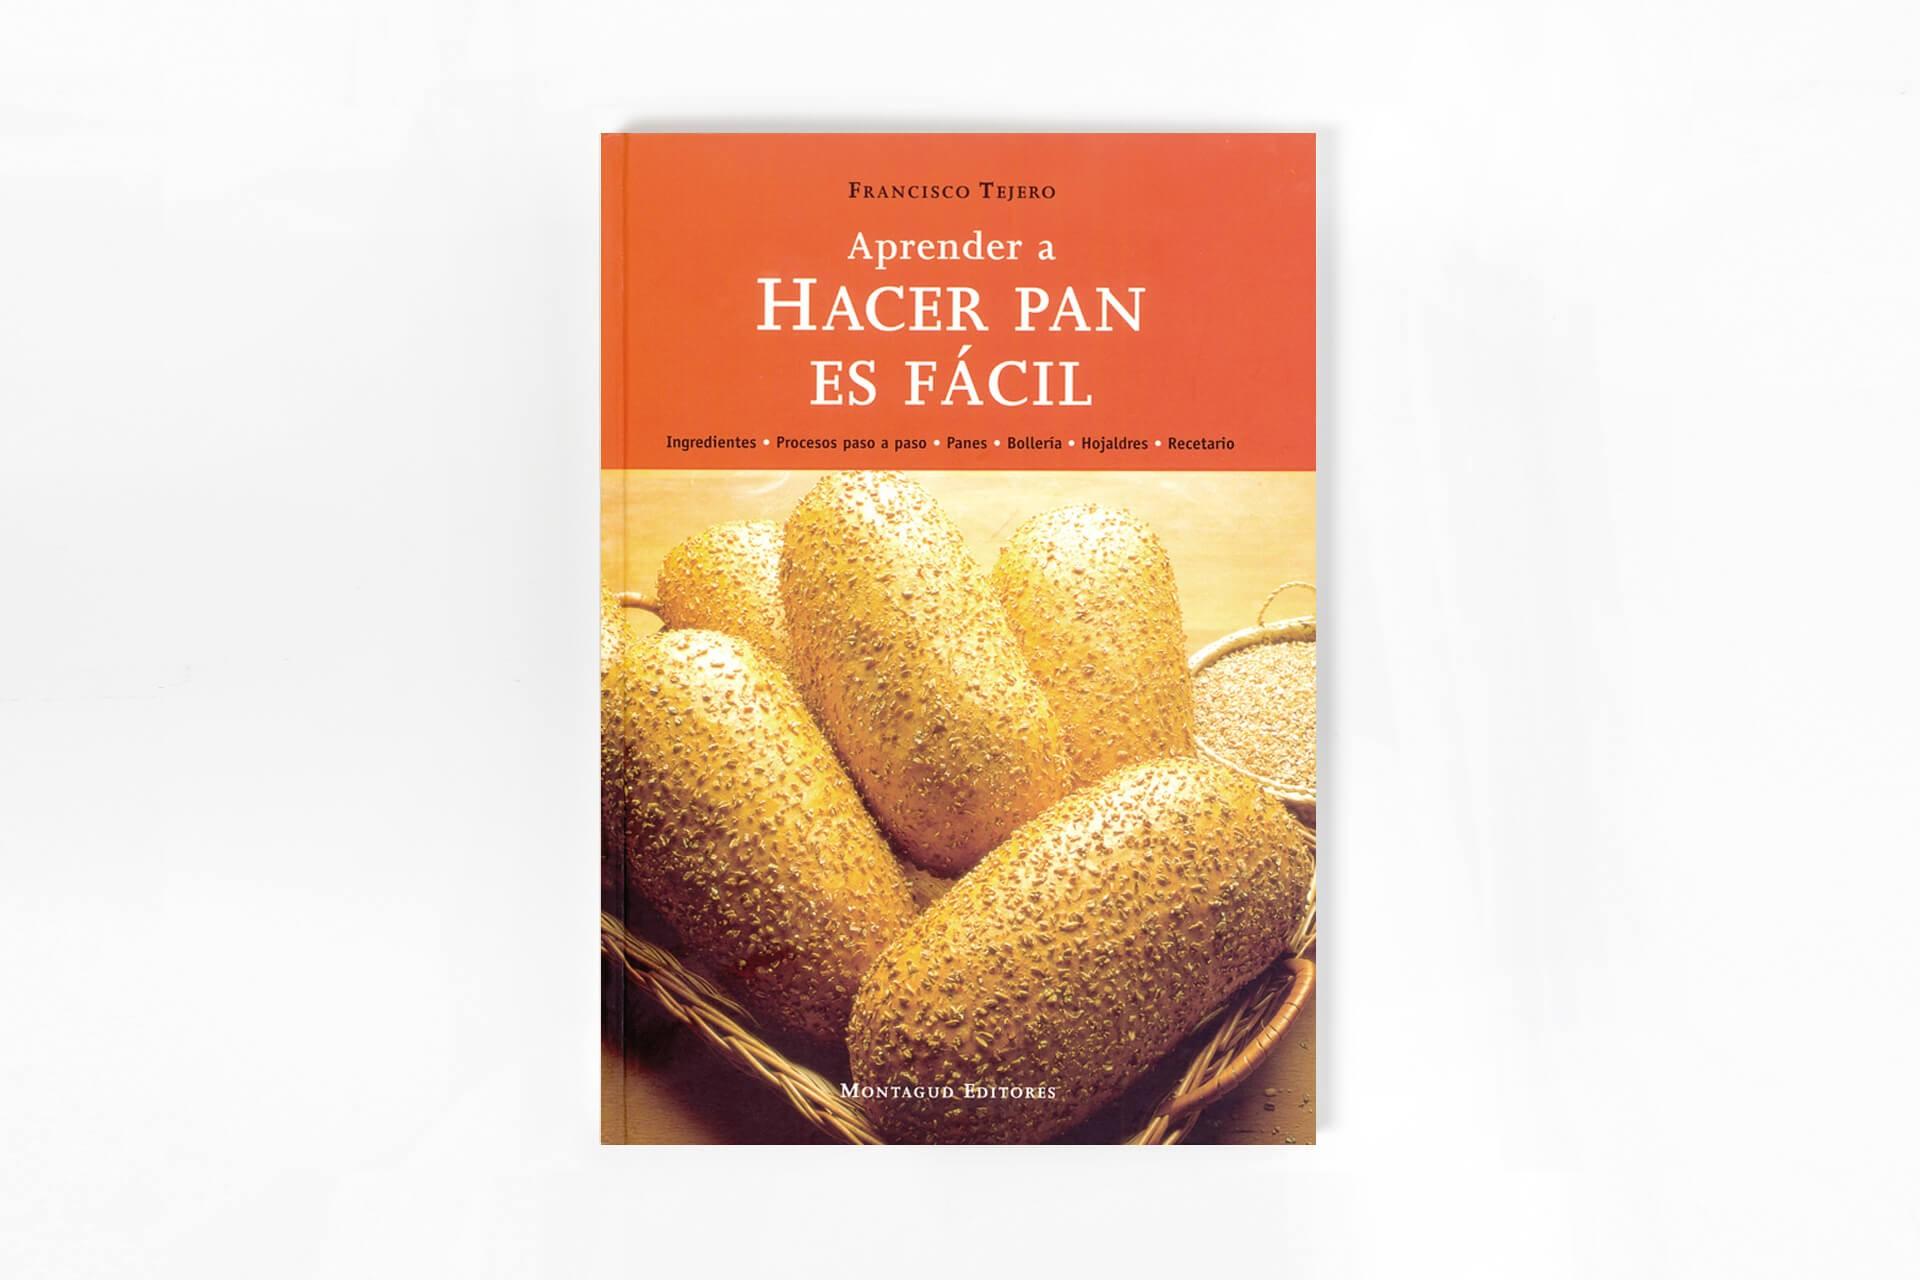 HACER_PAN_ES_FACIL_l